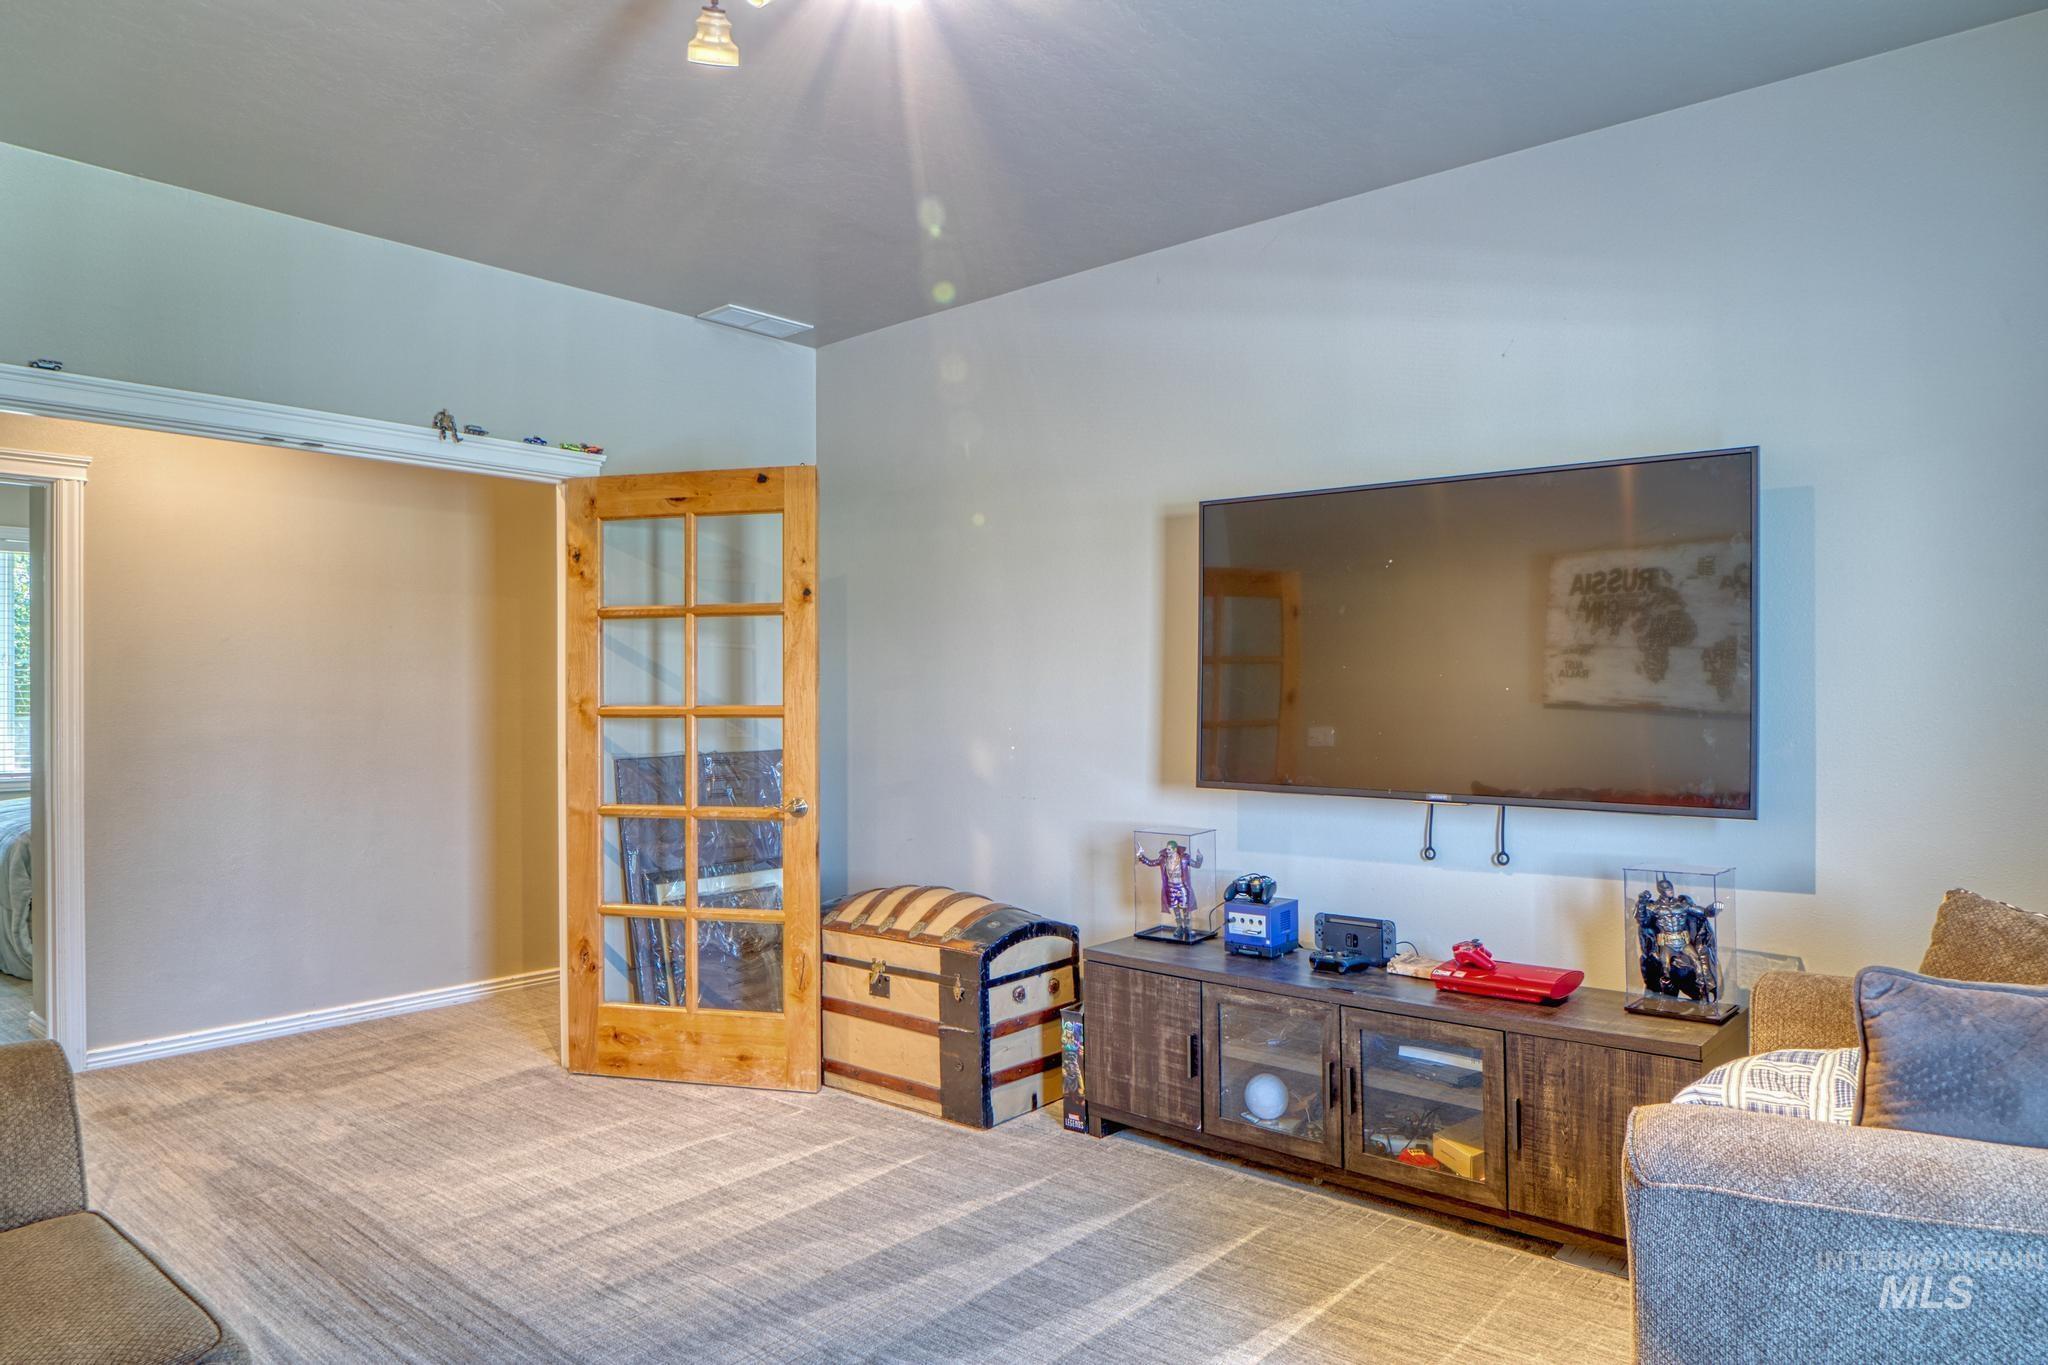 62 Sunnyside Dr Property Photo 19